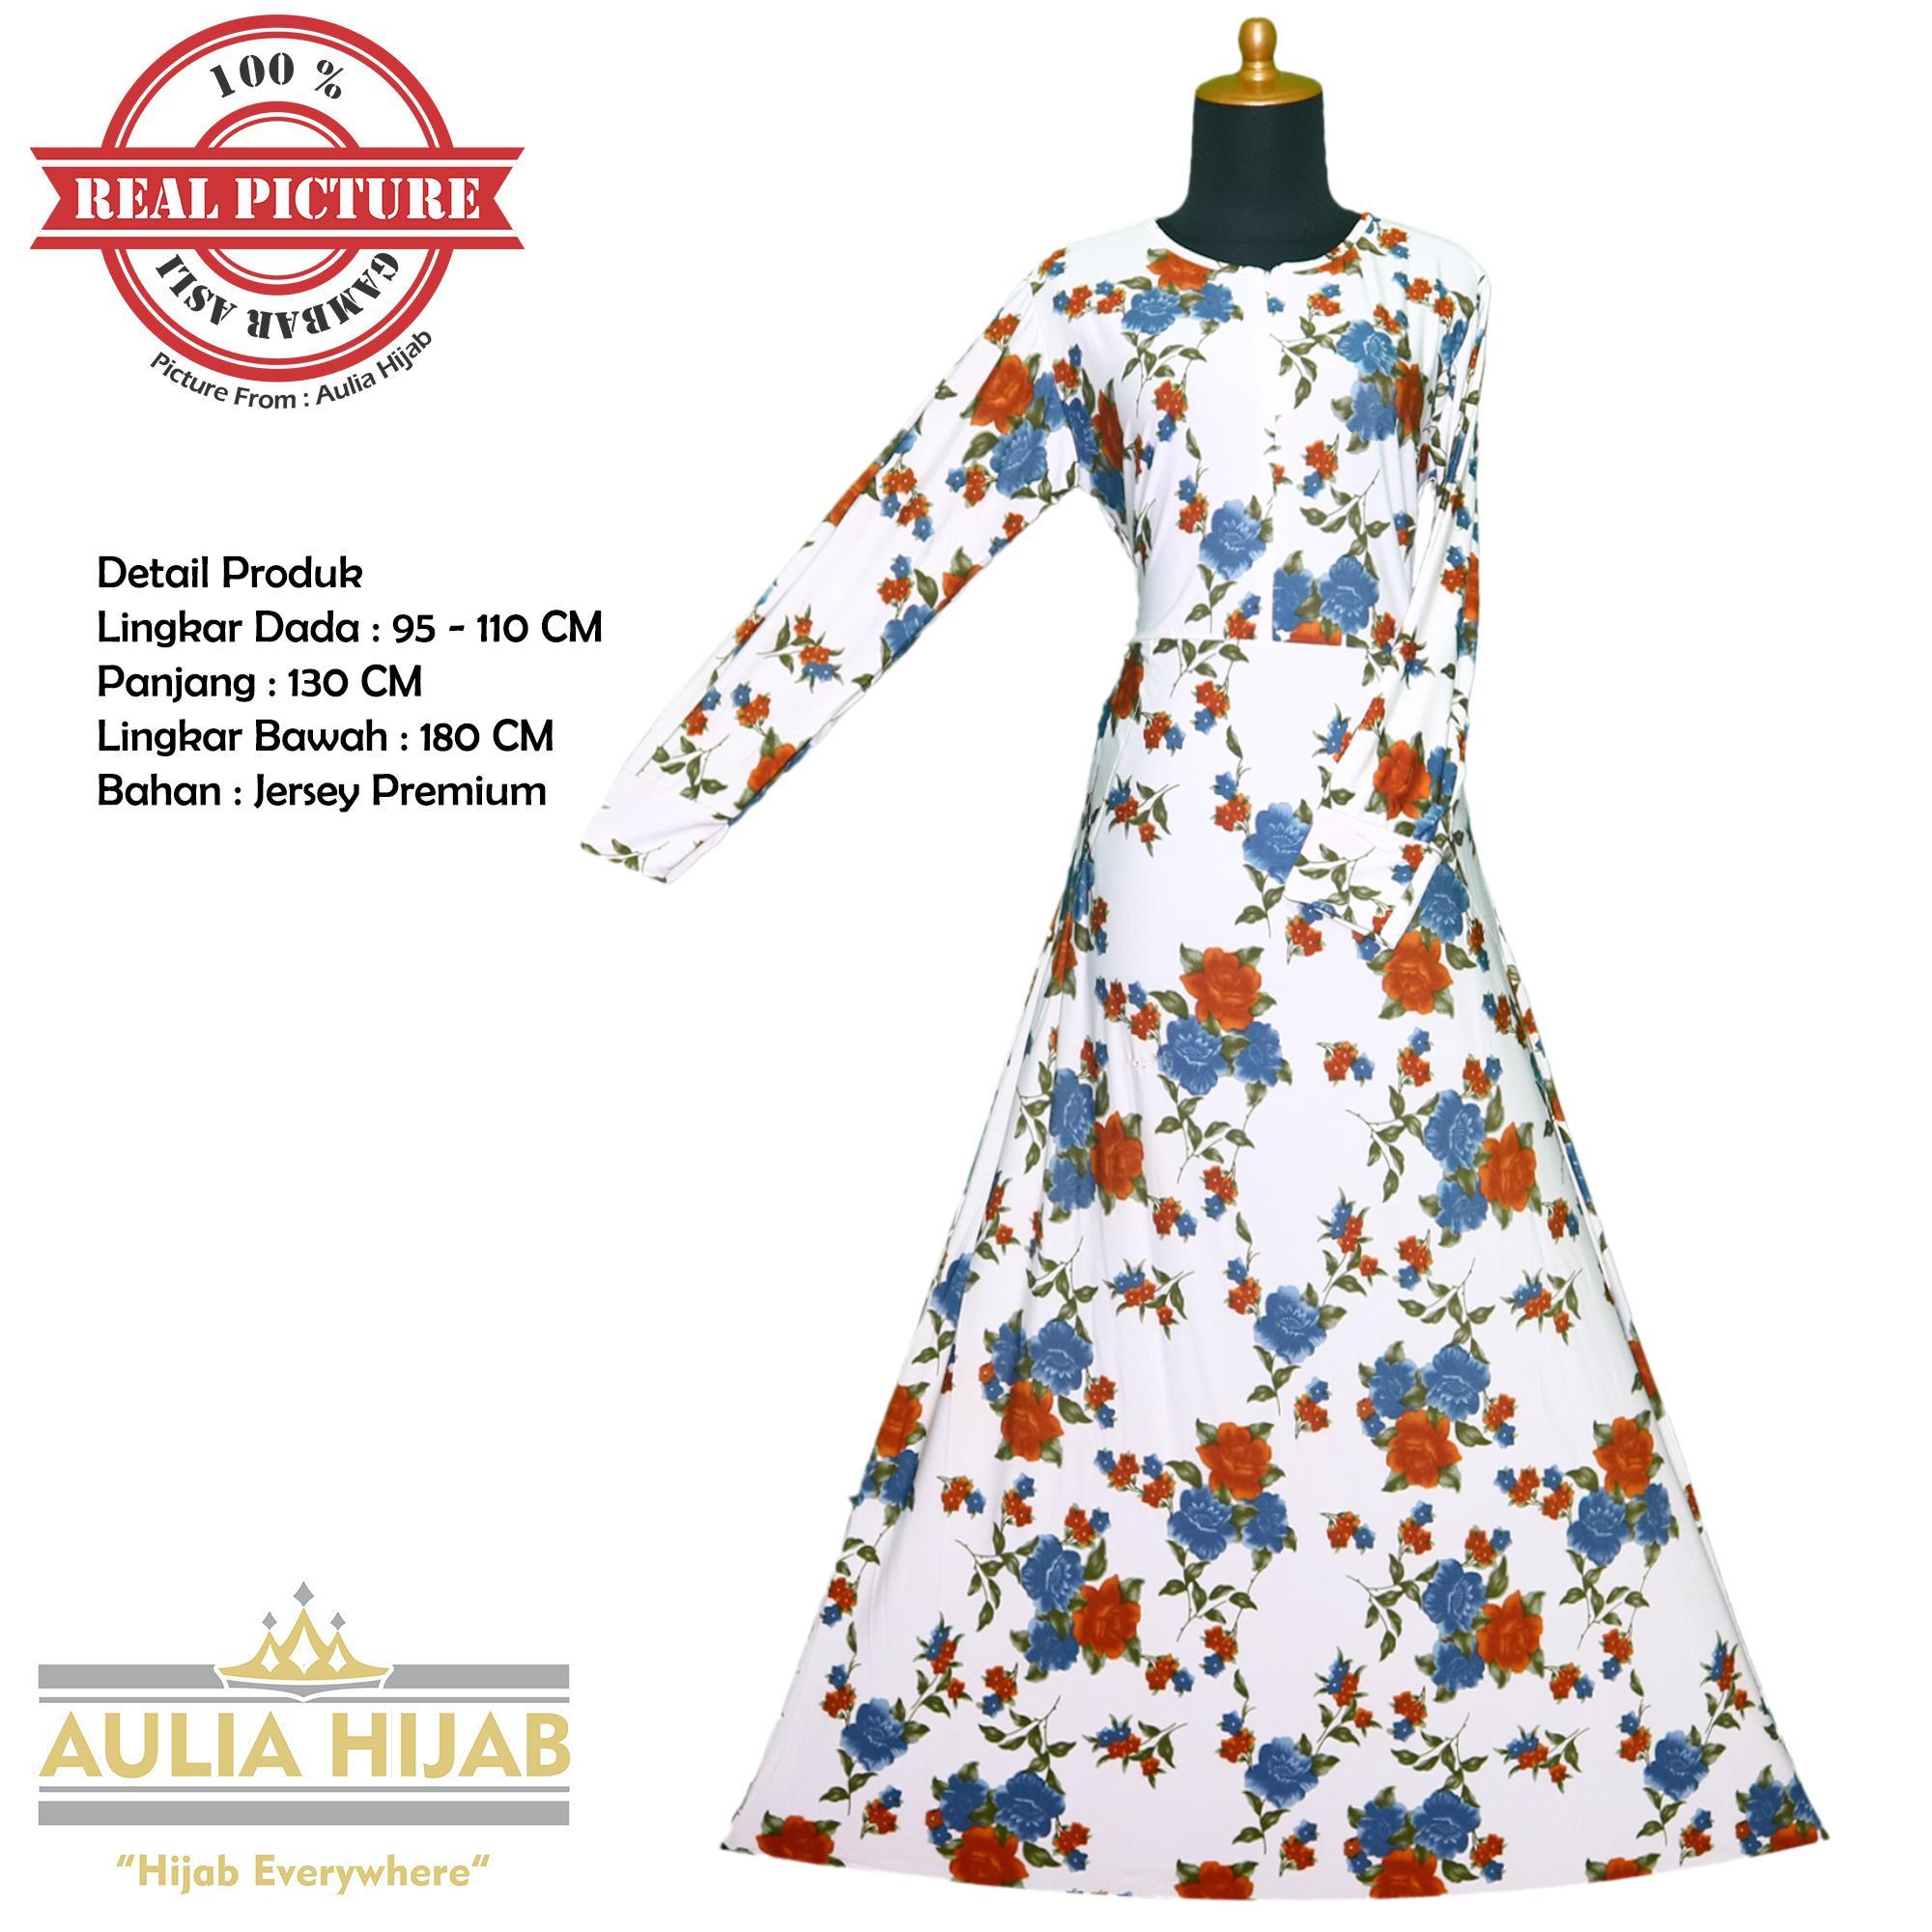 Aulia Hijab - New Flower Dress Bahan Jersey/Gamis Jersey/Gamis Batik/Gamis Premium/Gamis Pesta/Gamis Real Picture/Gamis Santai/Gamis Kerja/Gamis Harian/Gamis Termurah/Gamis Asli